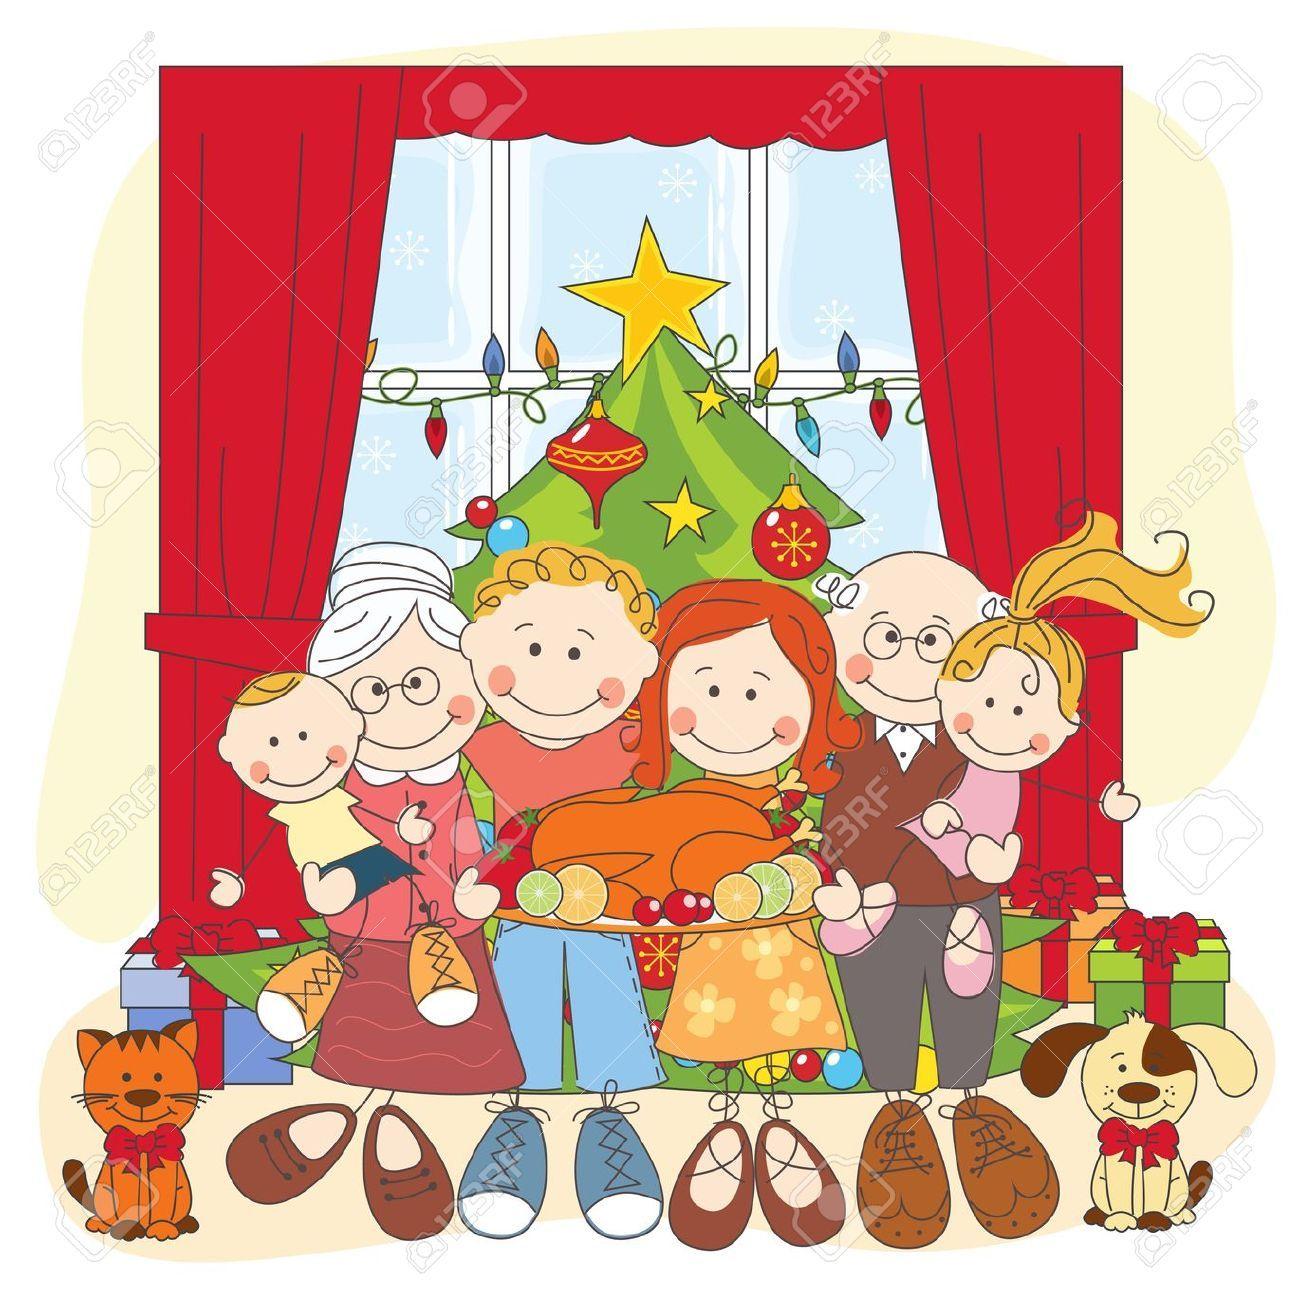 Cargar Las Pilas Estas Navidades Manos Dibujo Dibujo De Navidad Familia En Navidad